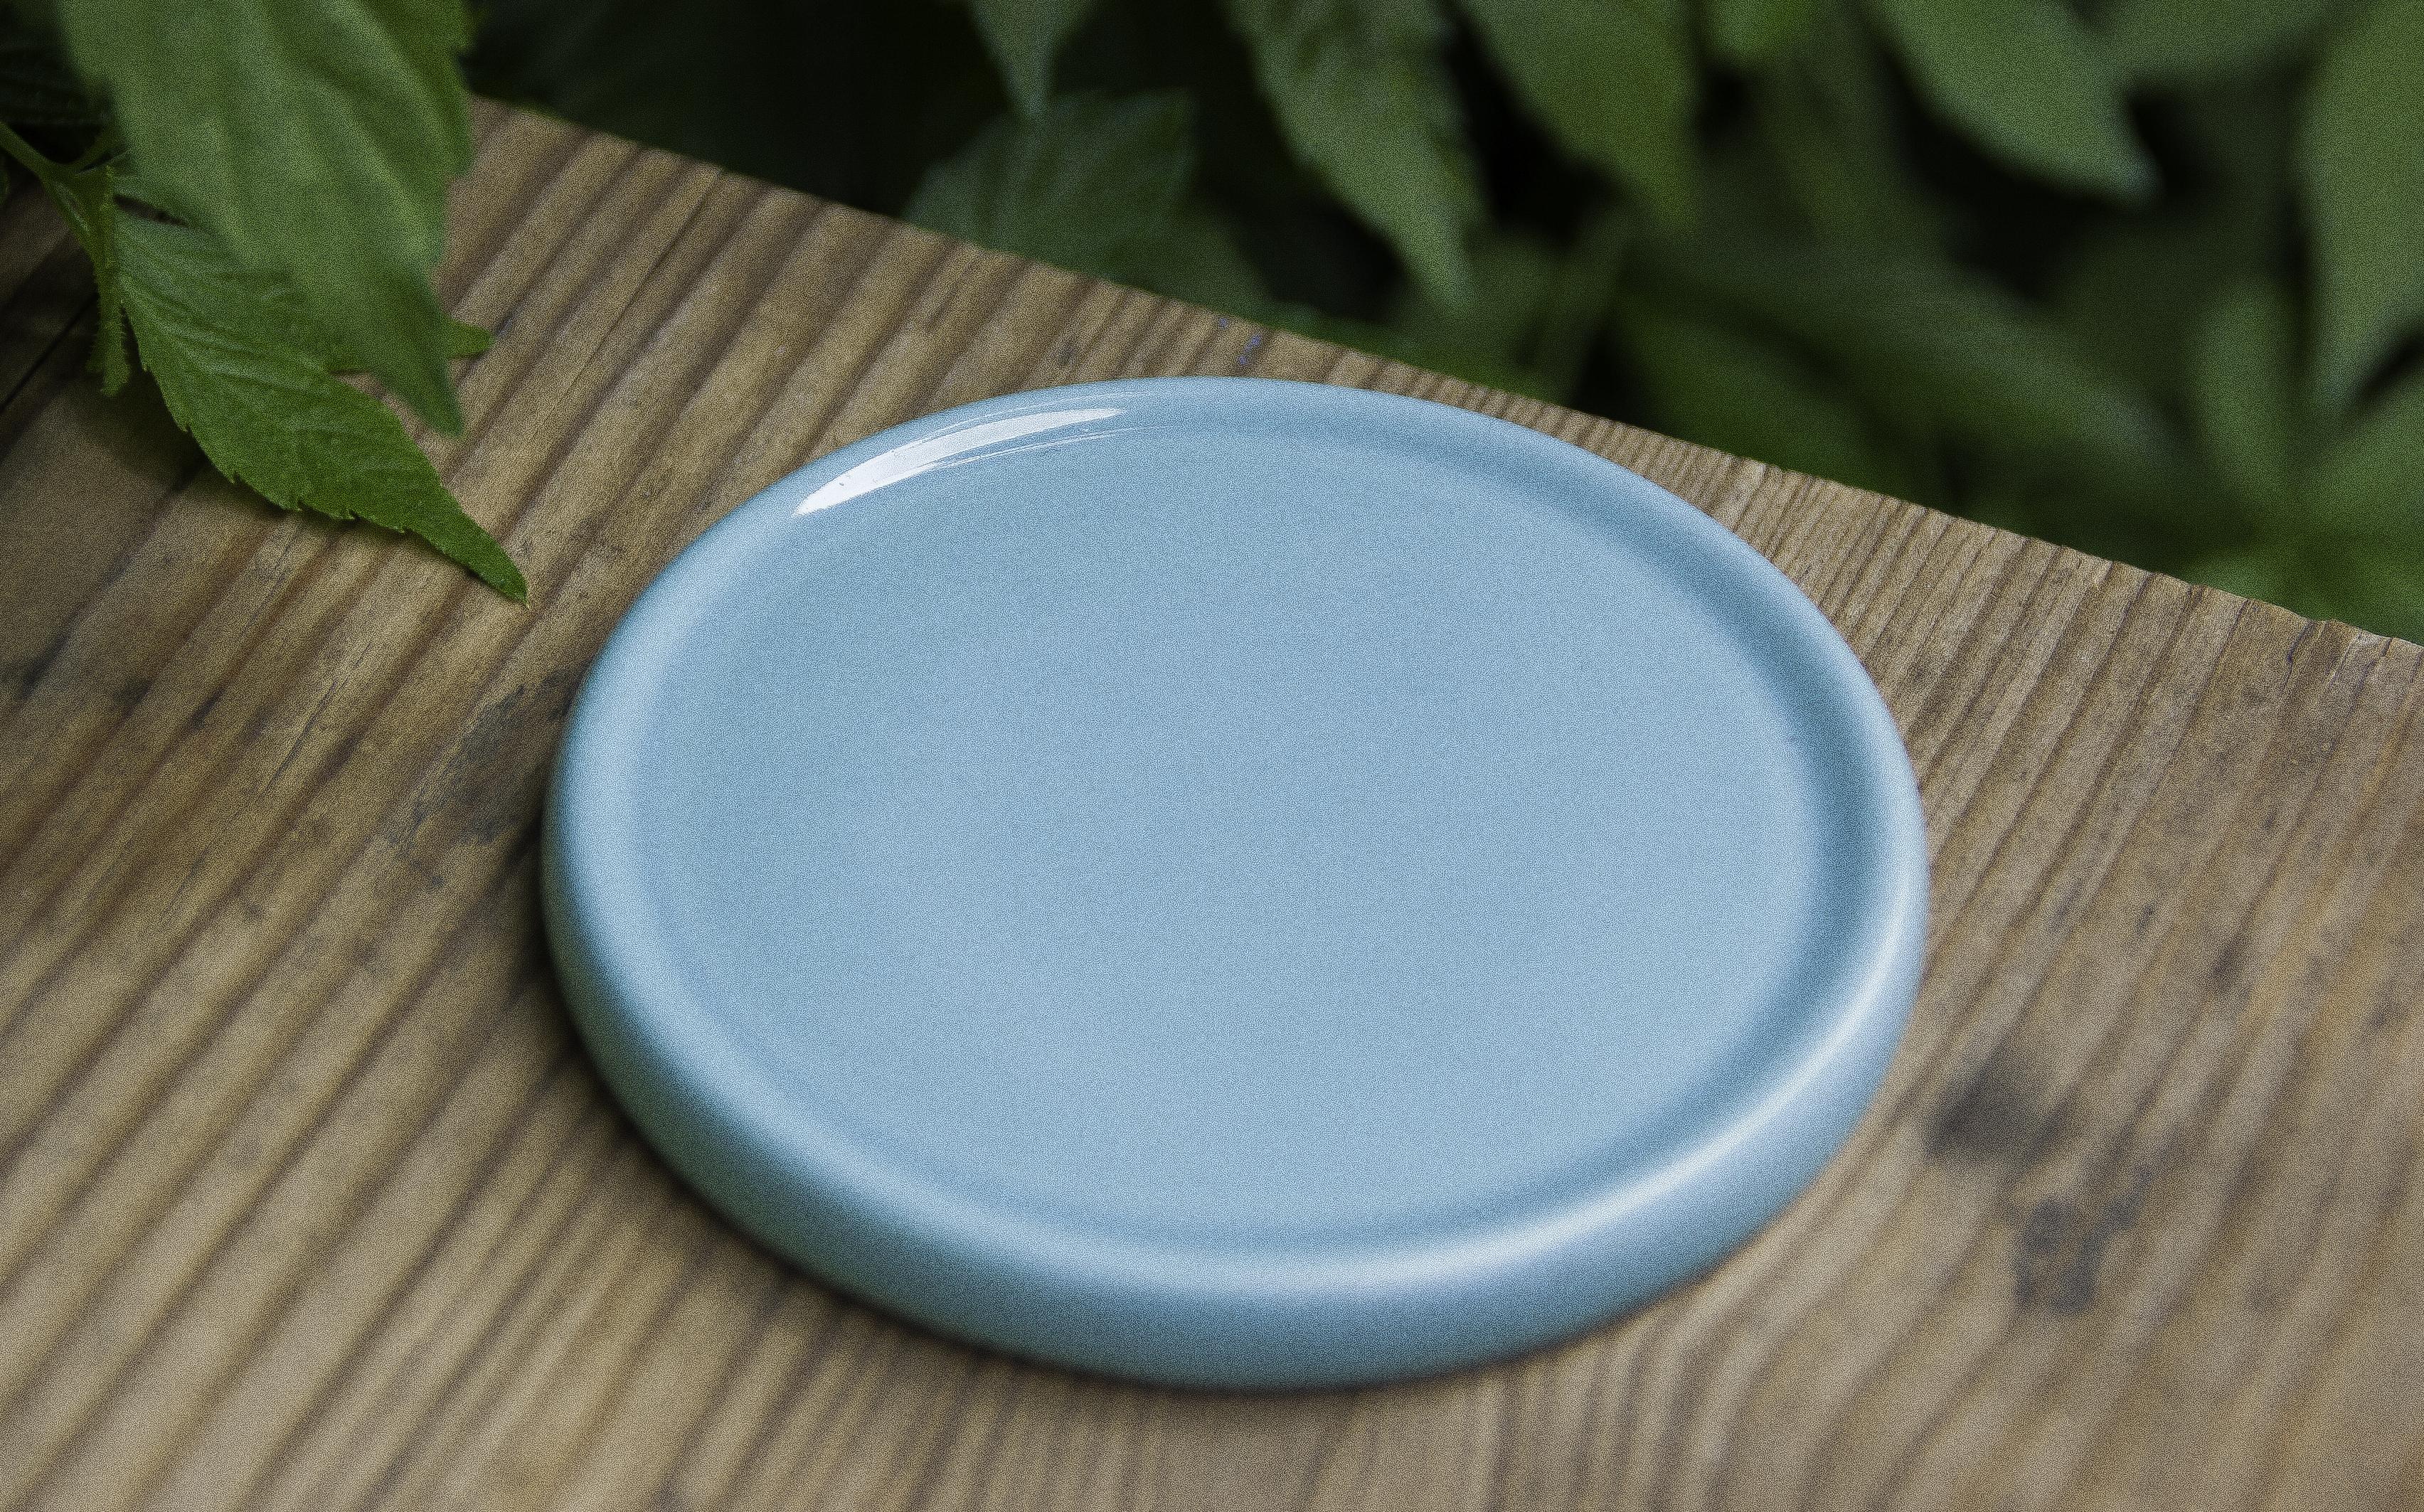 Keramik-Untersetzer für Duftsteine - türkisblau